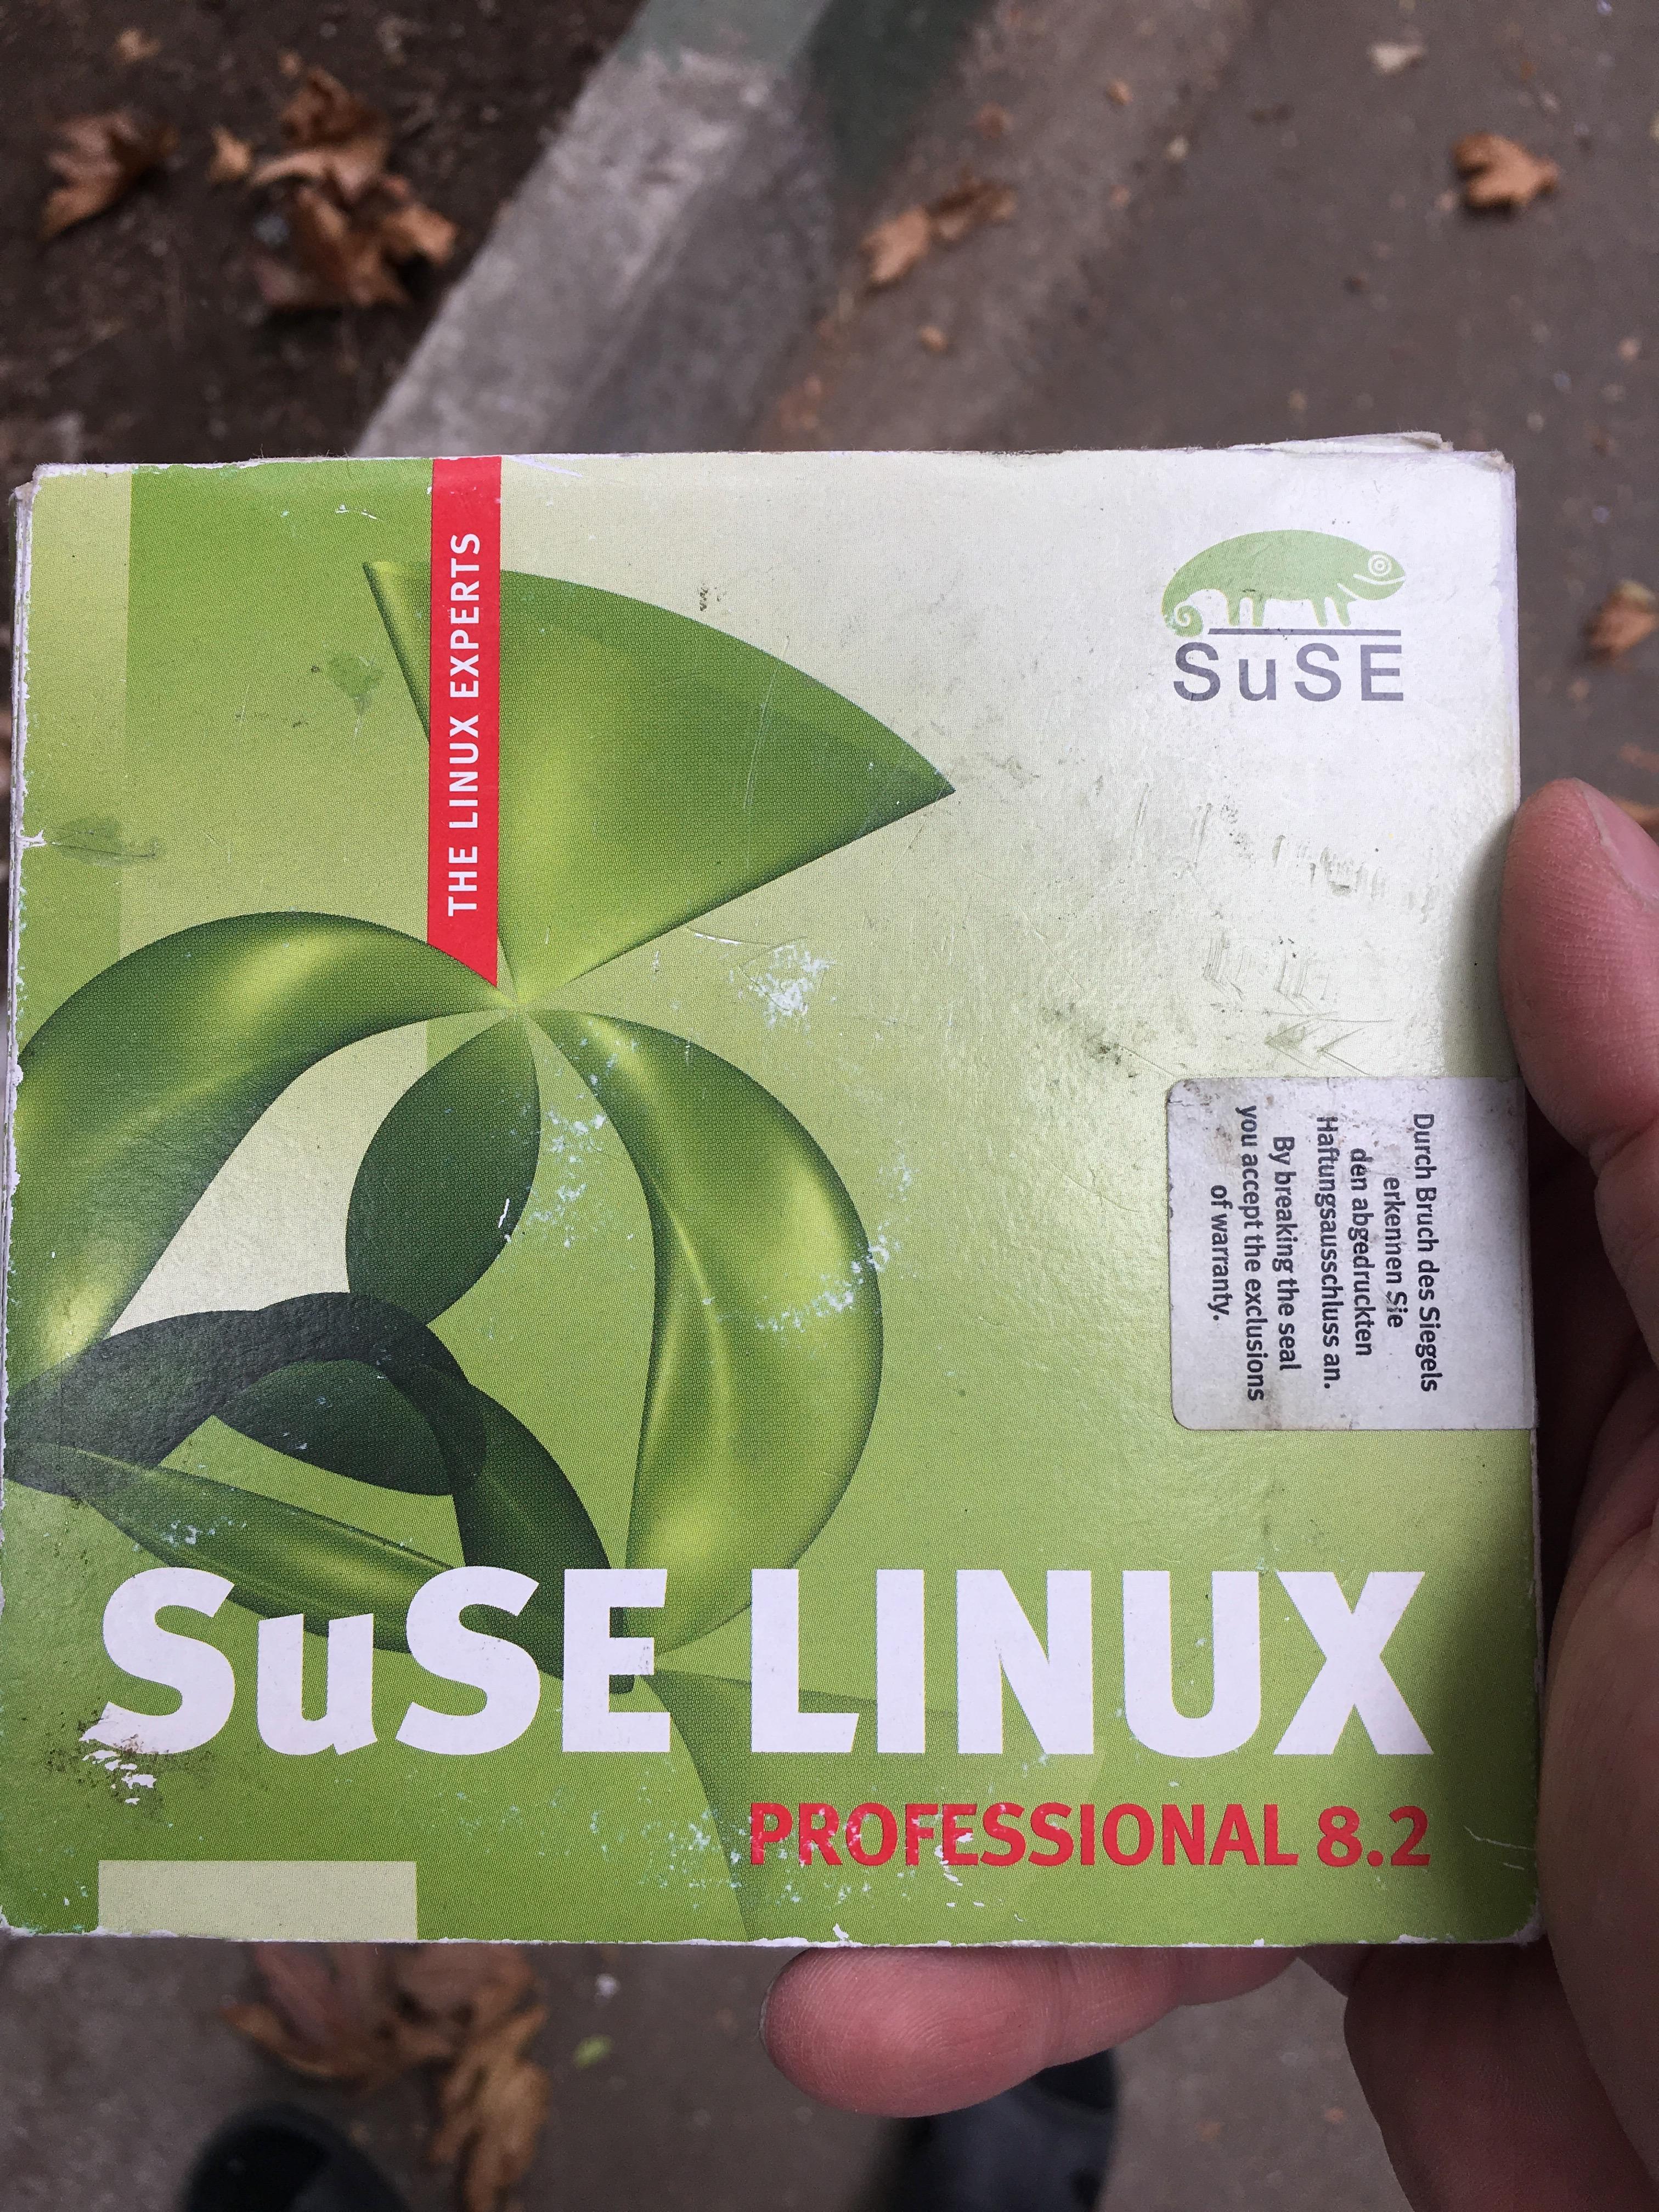 سیستم عاملهای من، لینوکس، ویندوز و مک - چای - قهوه و شامپاین